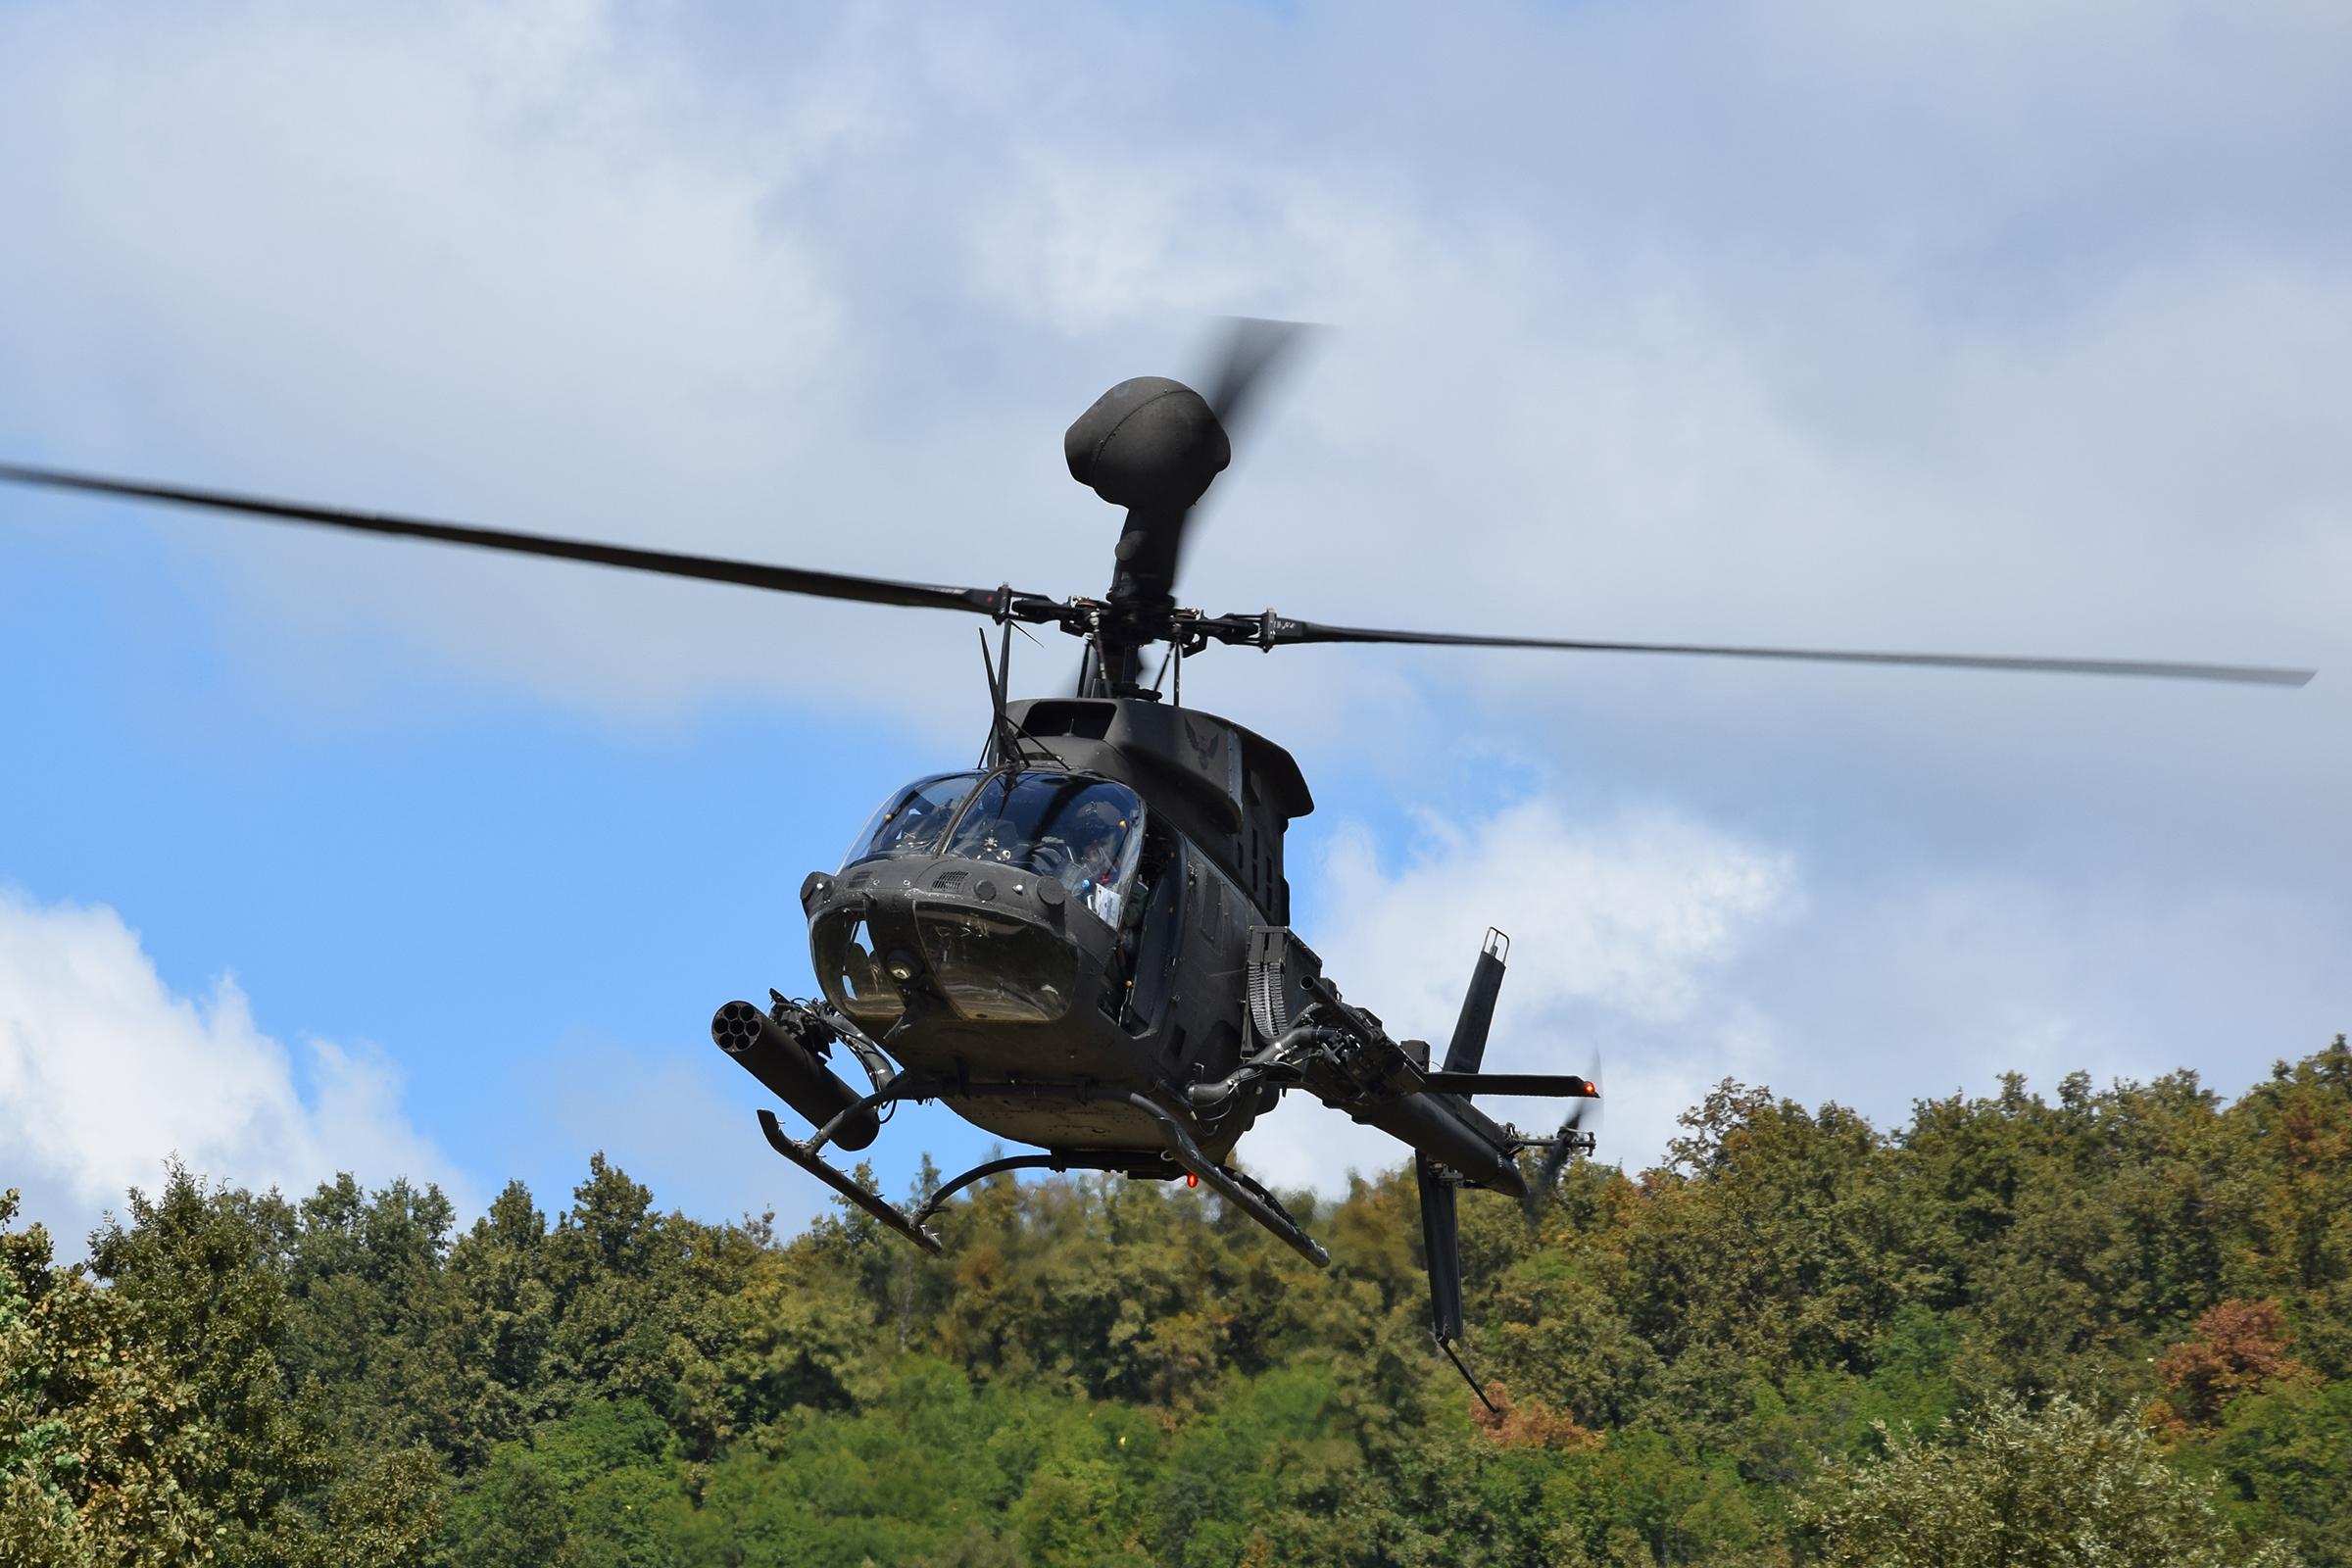 Provedena gađanja i raketiranja helikopterima Kiowa Warrior OH- 58D